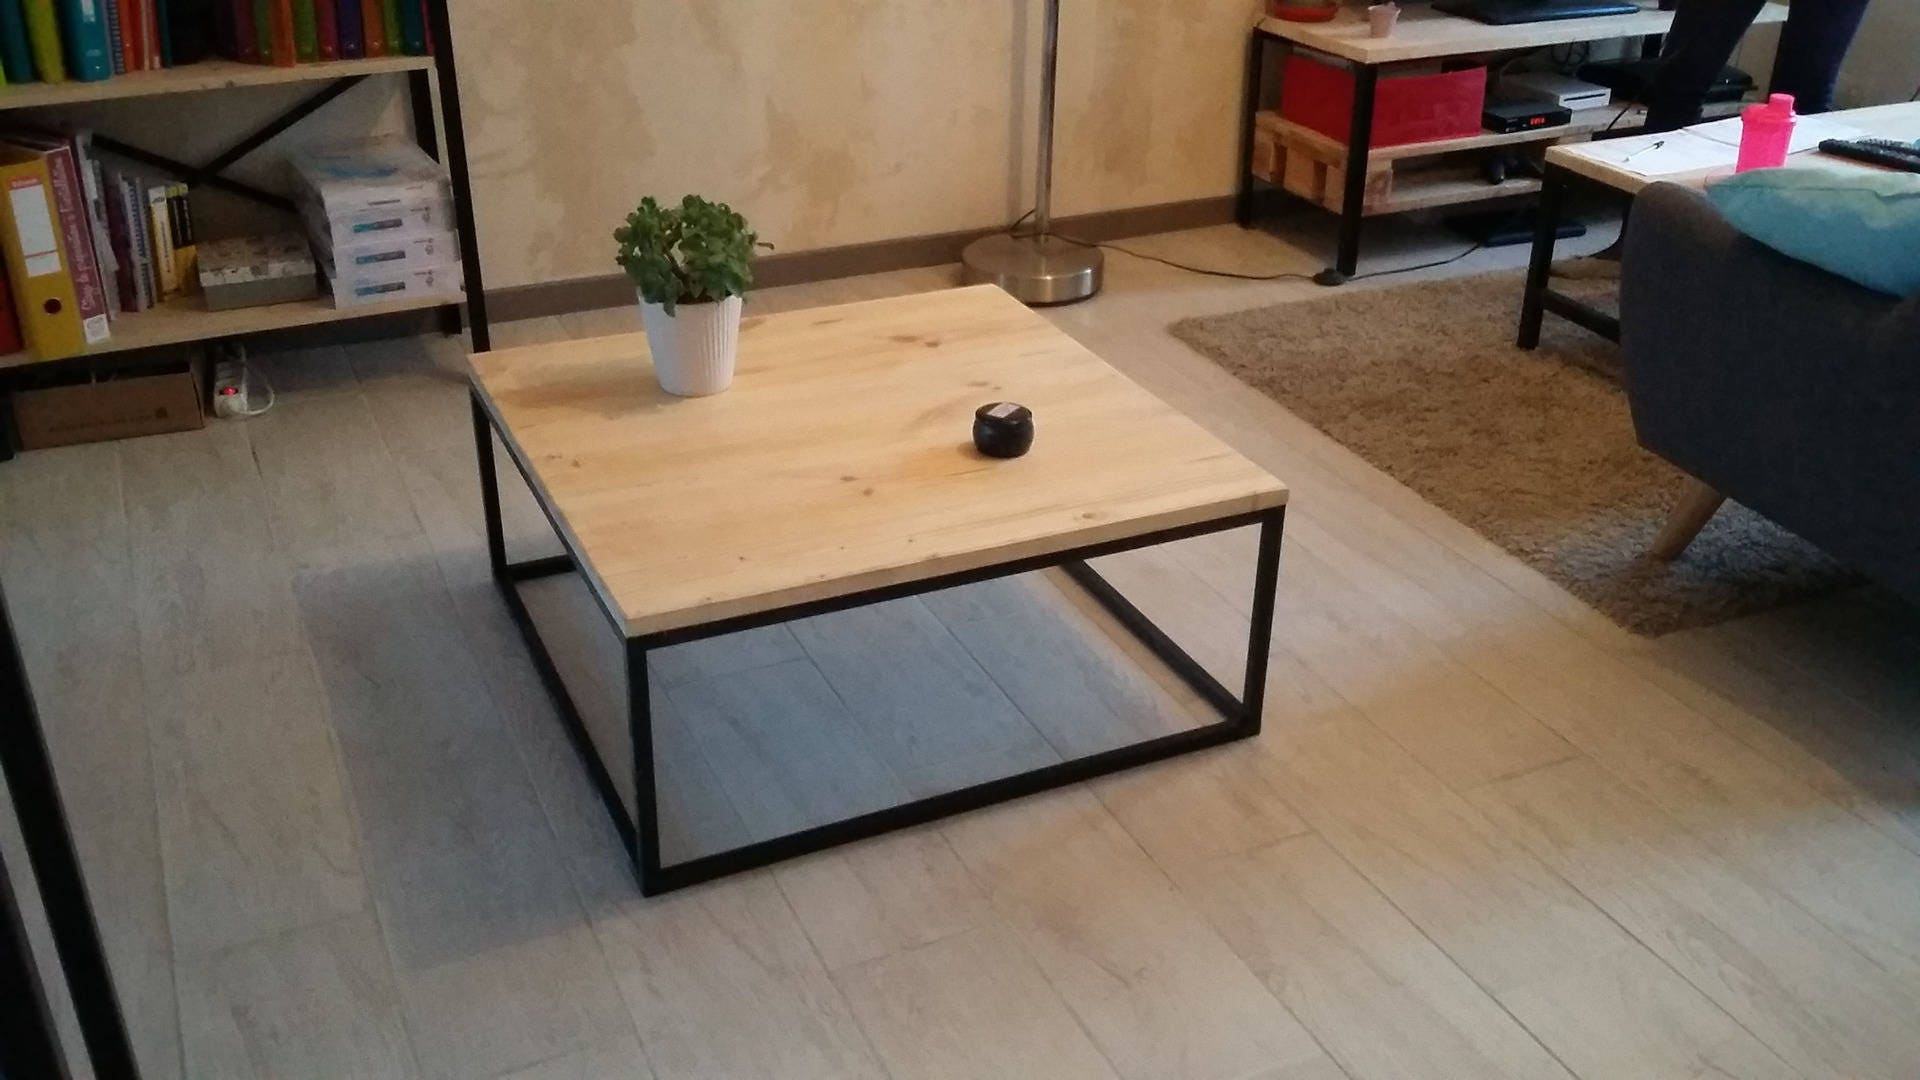 Table basse carr e style industriel fer et bois - Table carree style industriel ...